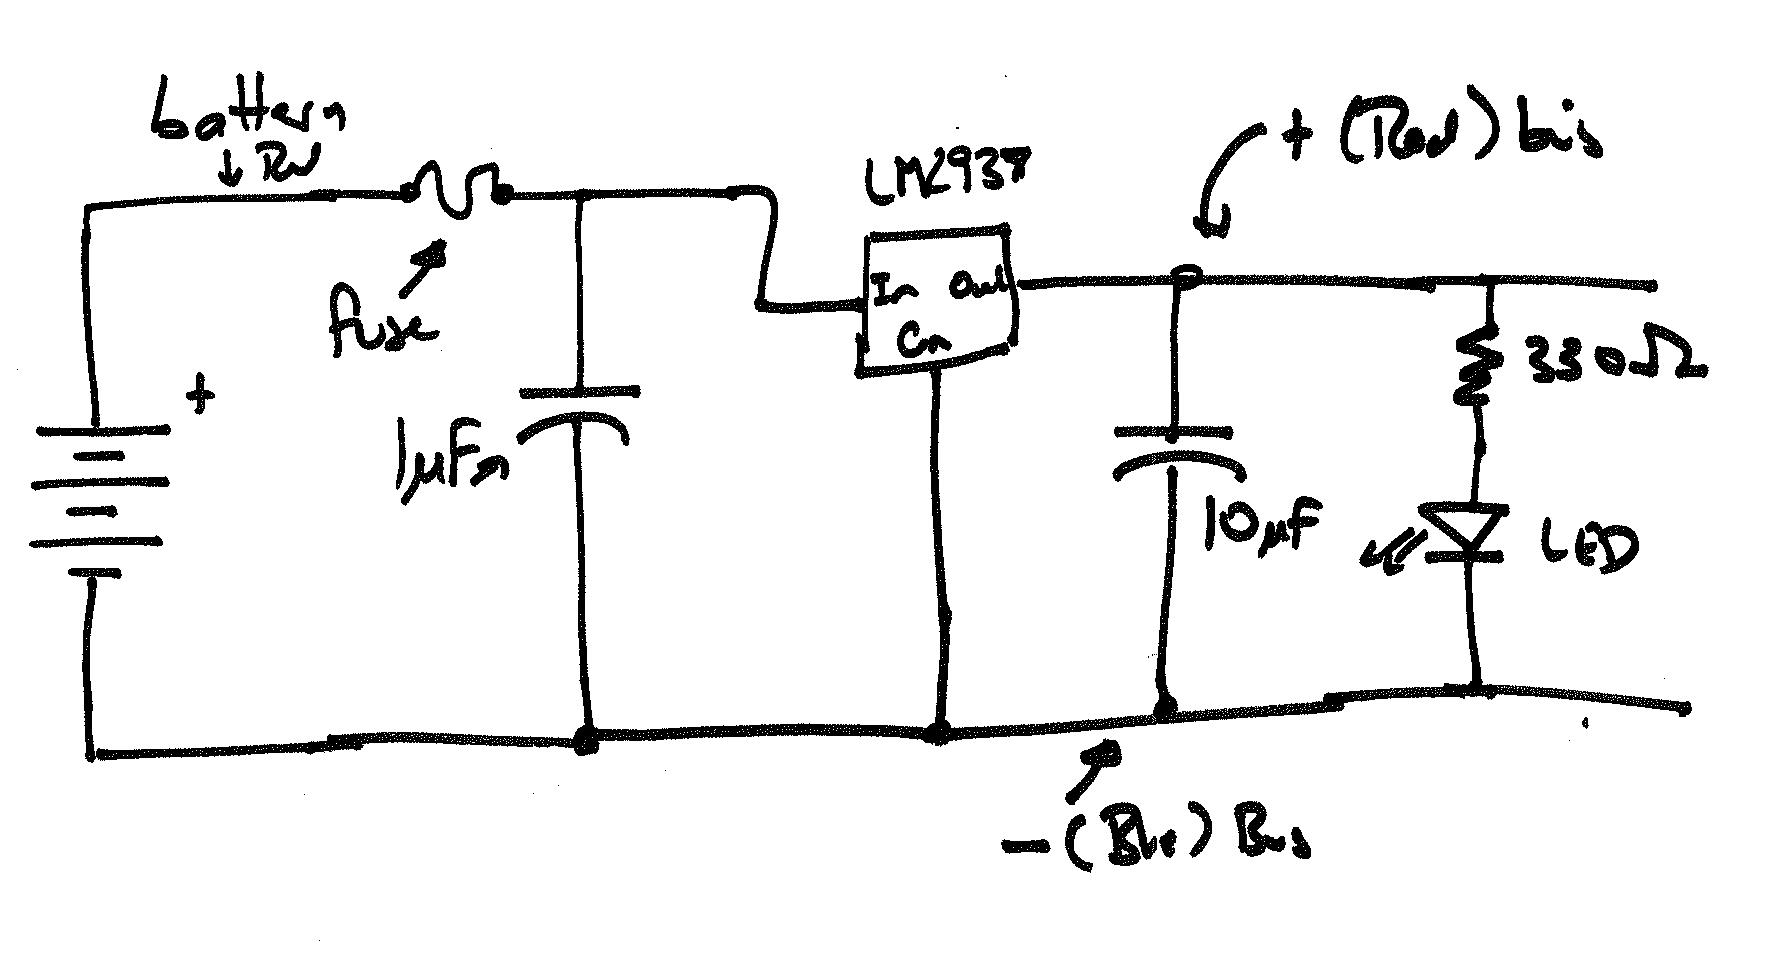 Csci 255